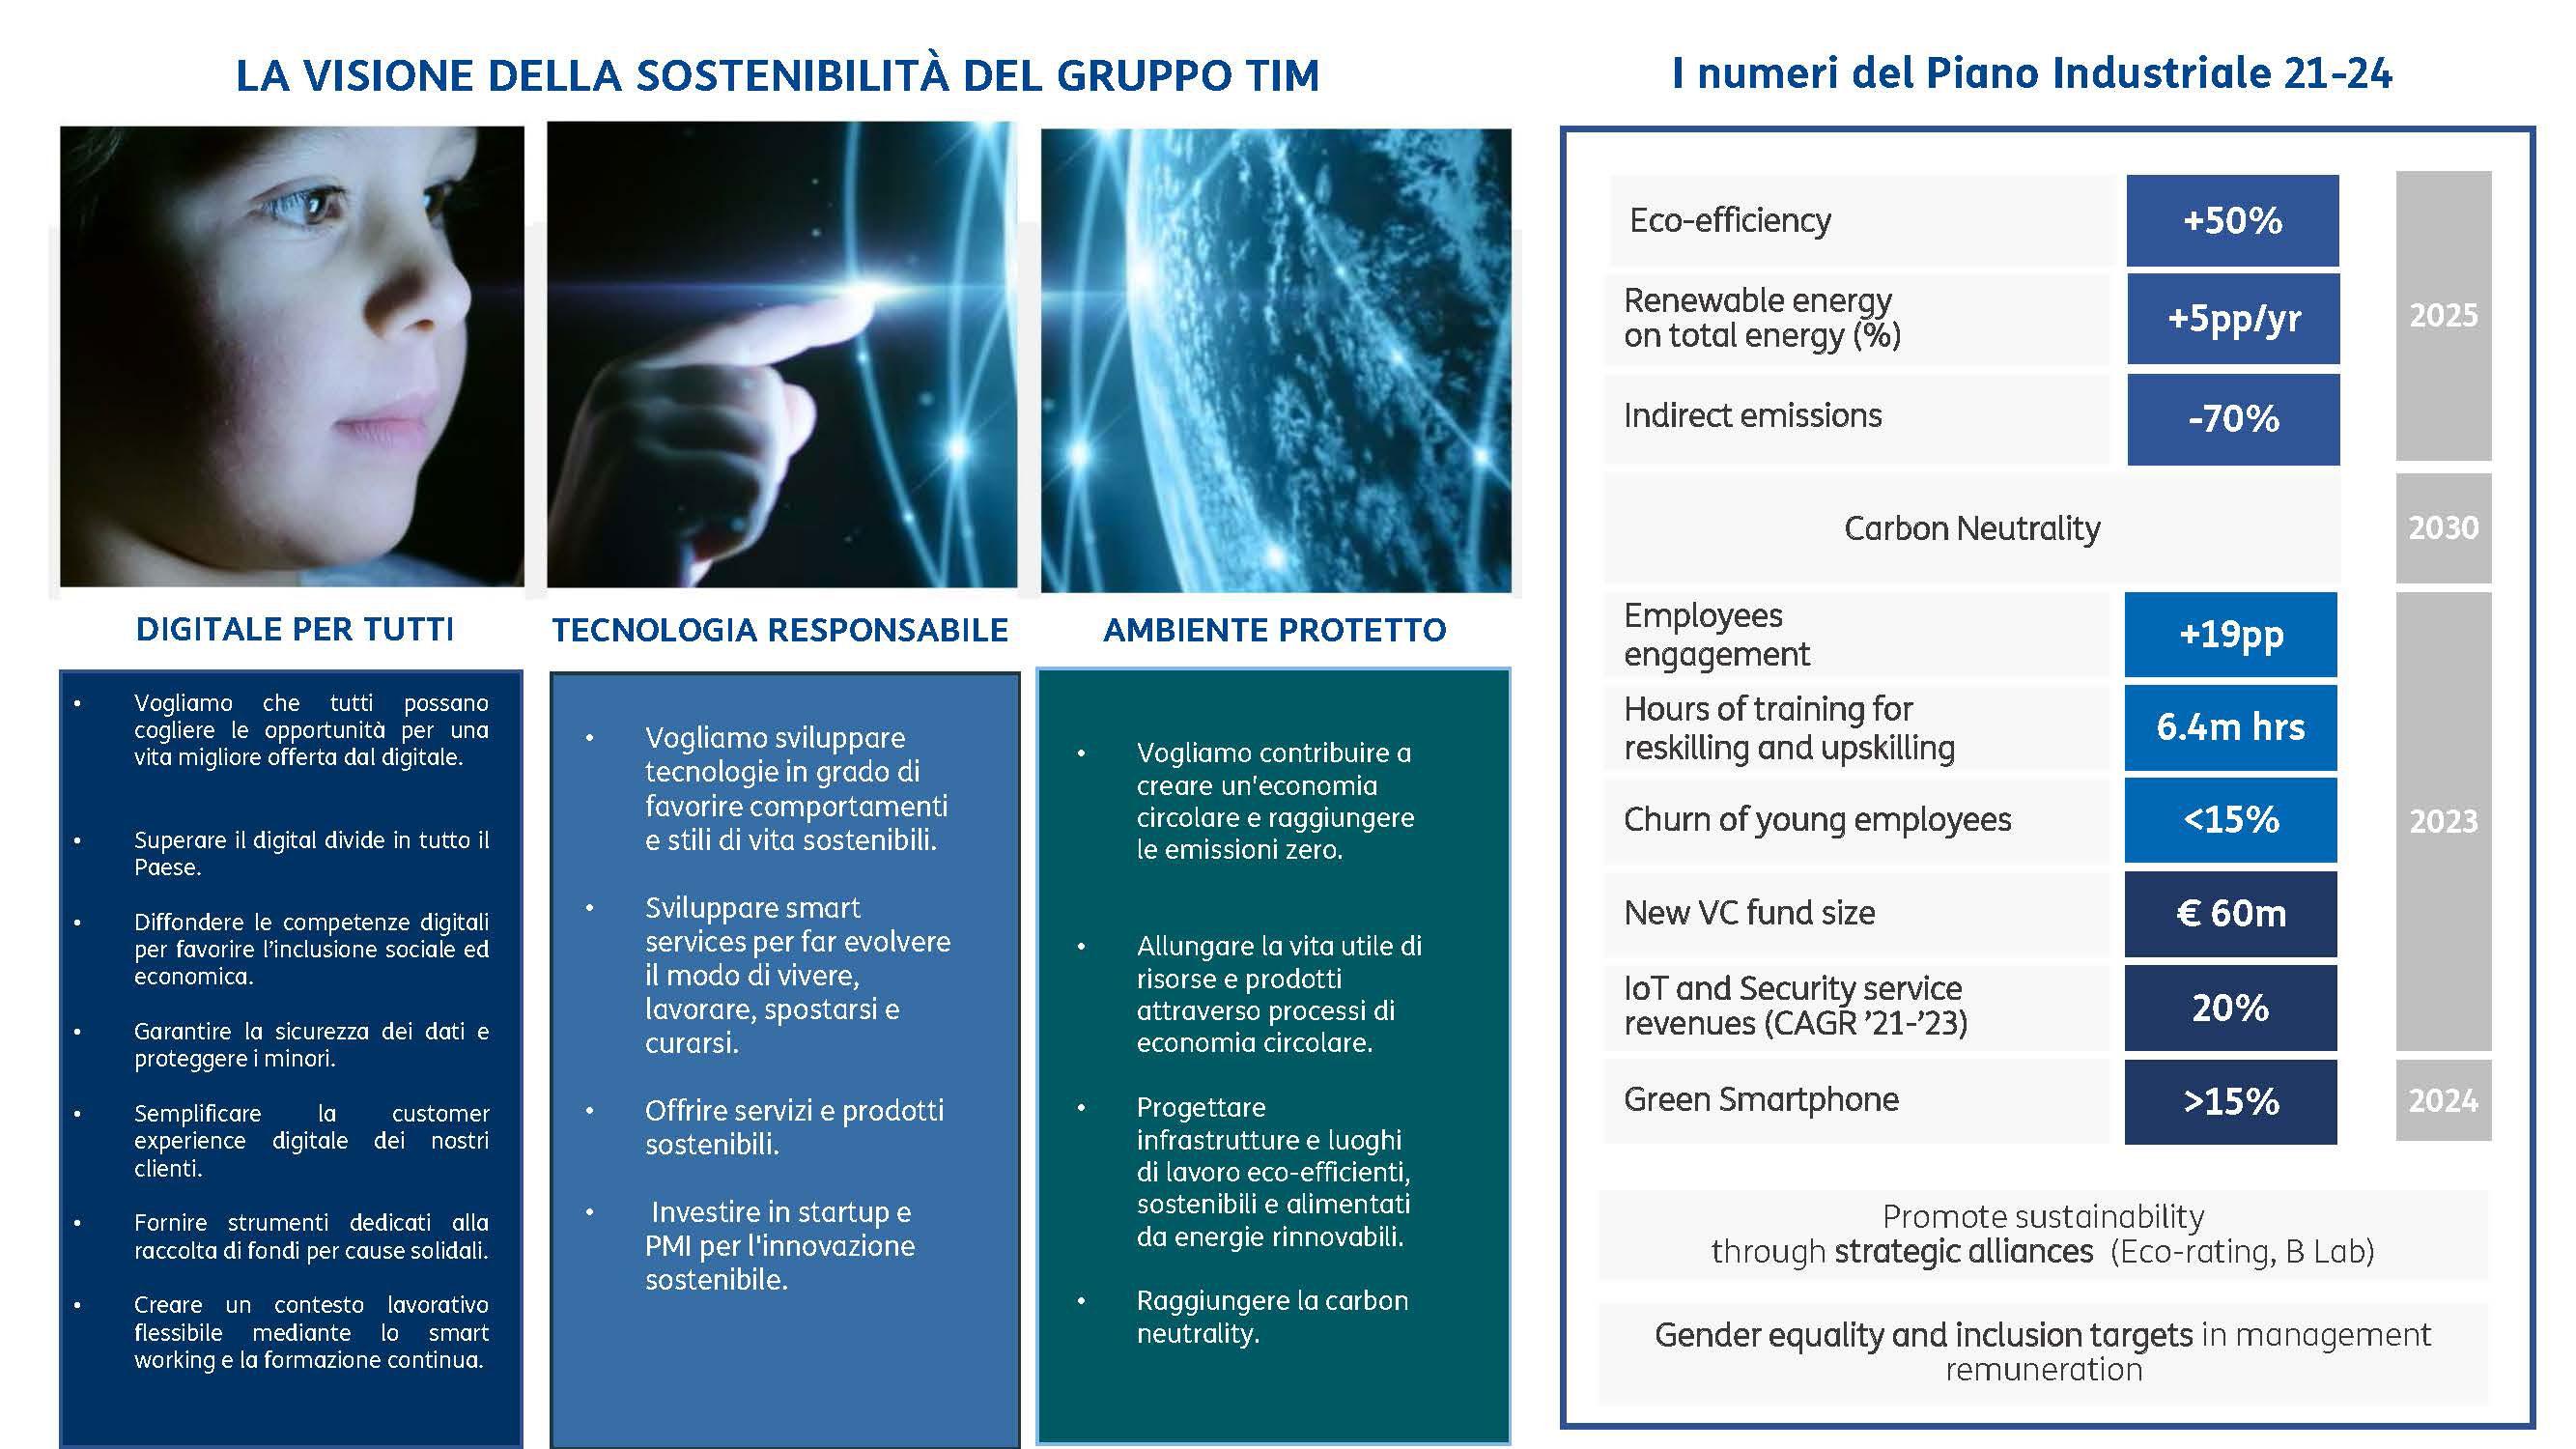 la visione della sostenibilità del Gruppo TIM